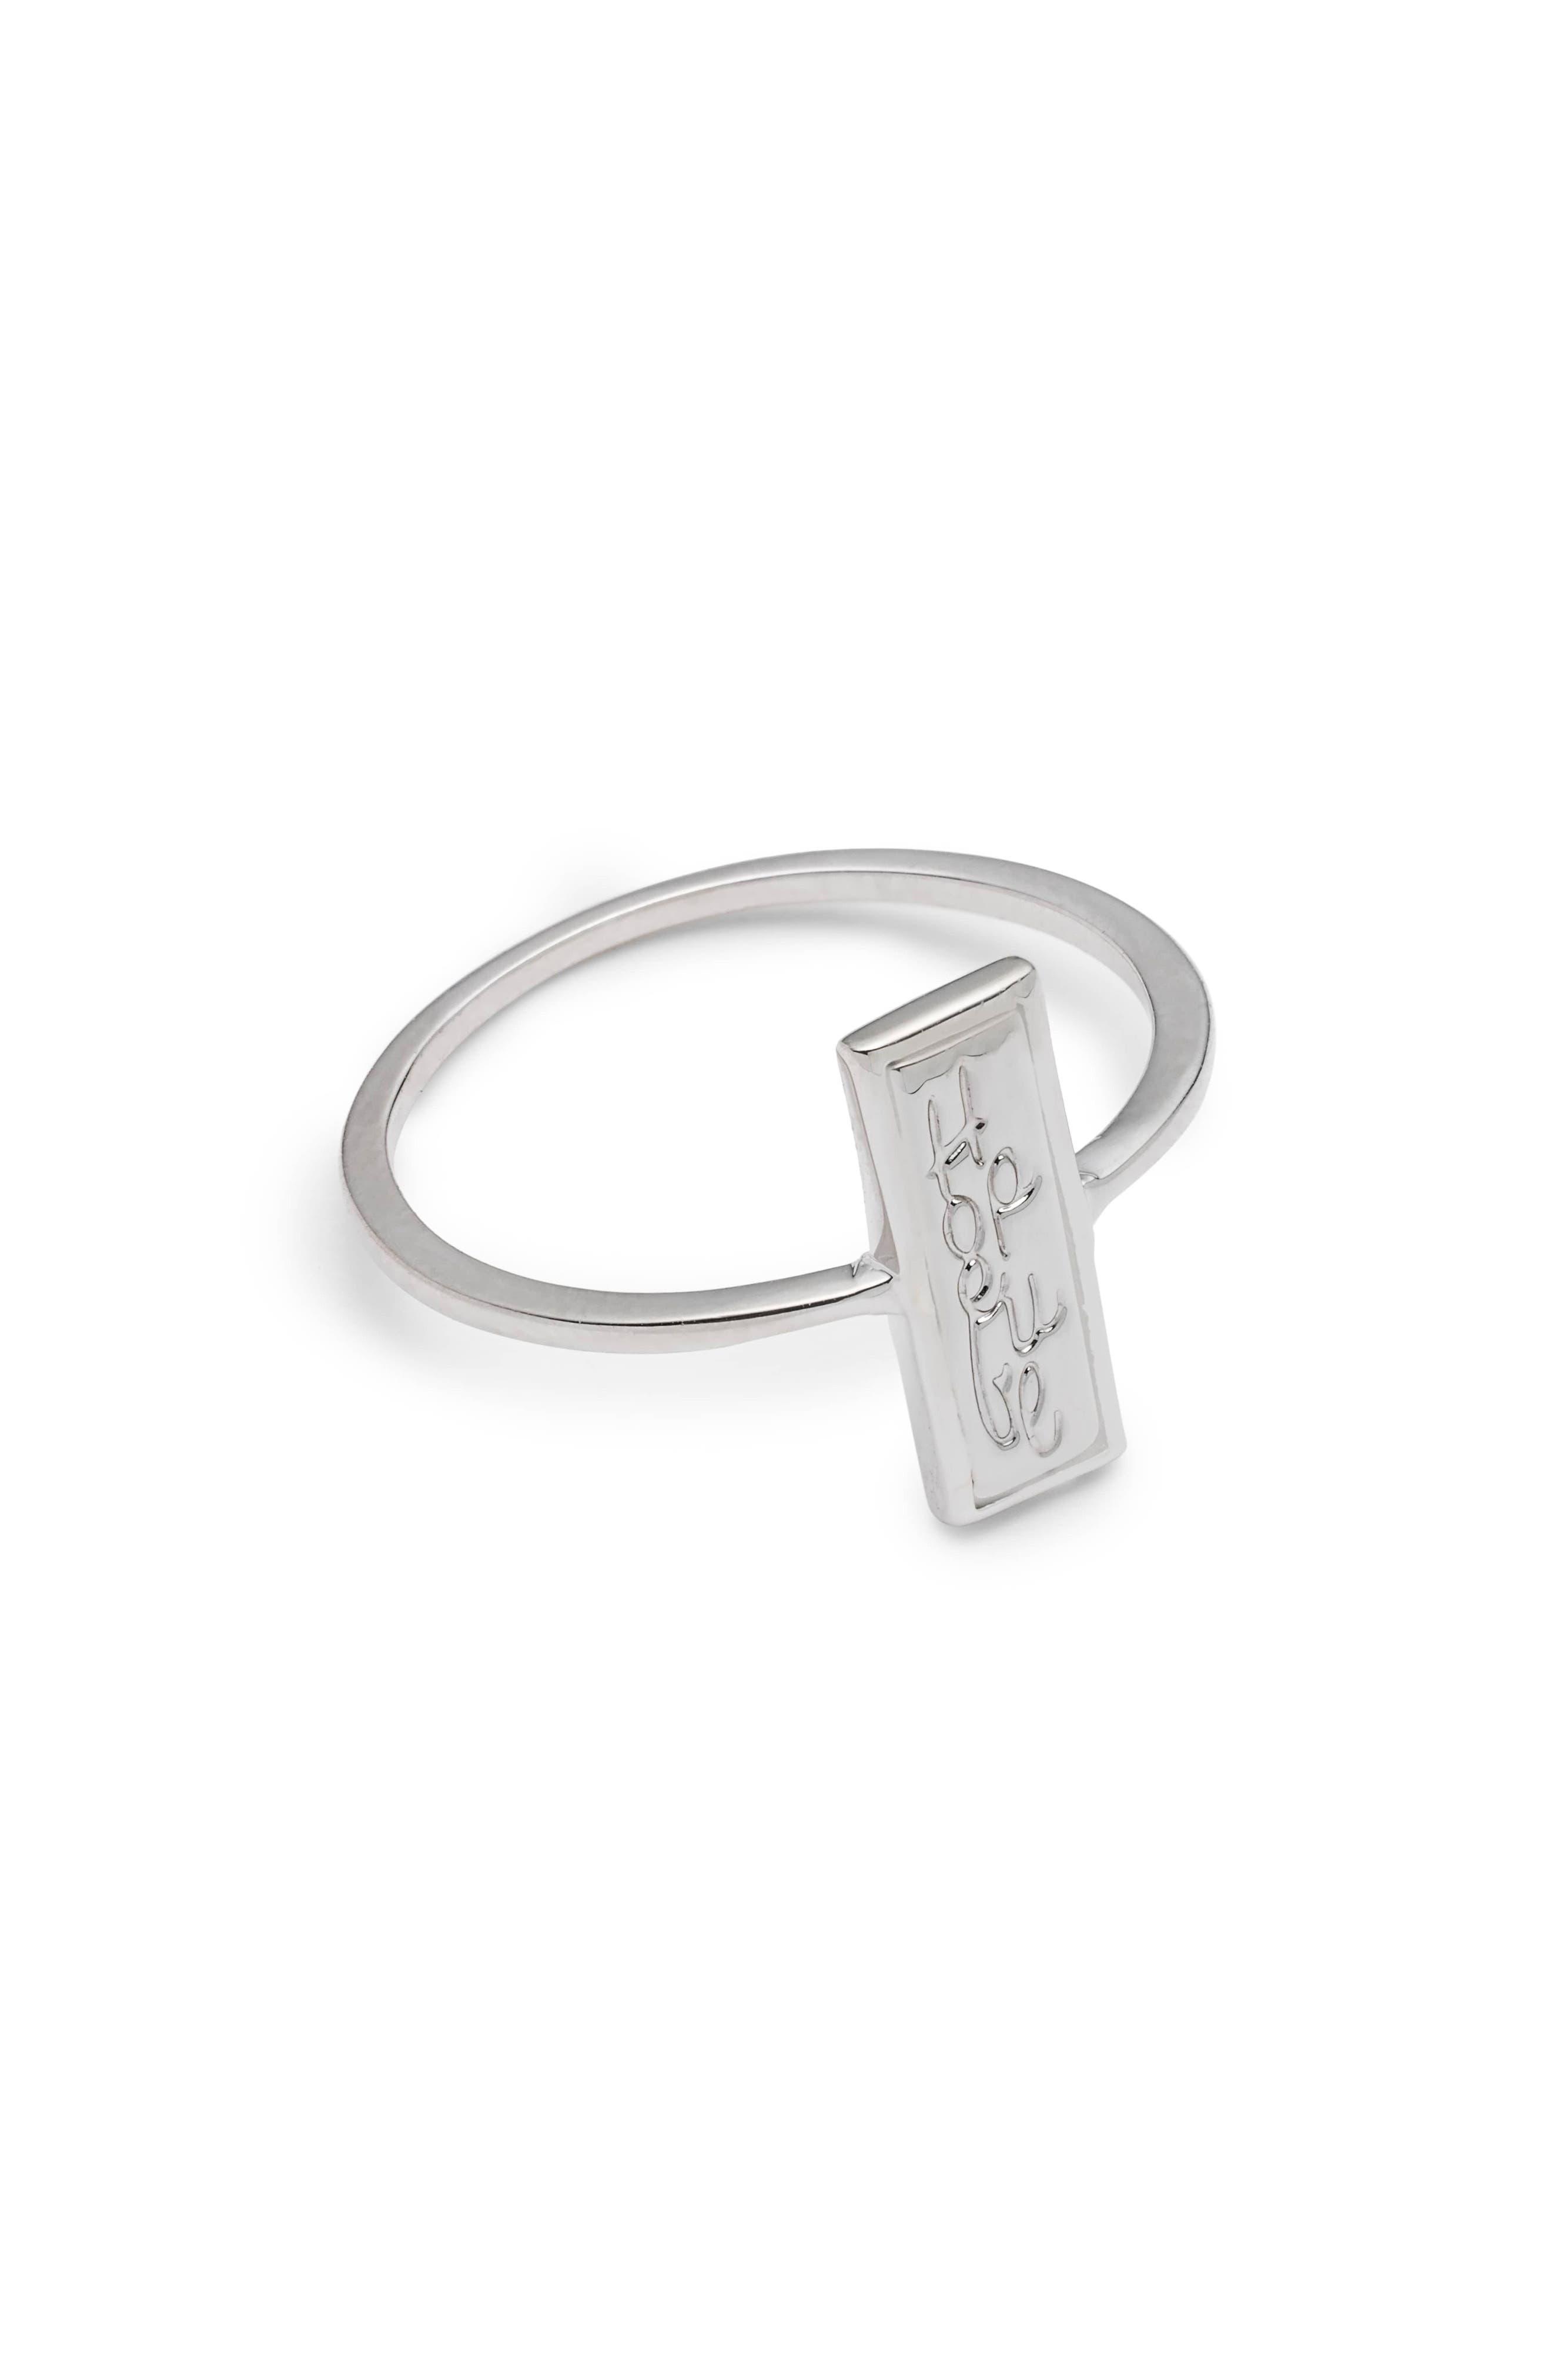 Hopeful Ring,                             Main thumbnail 1, color,                             Silver